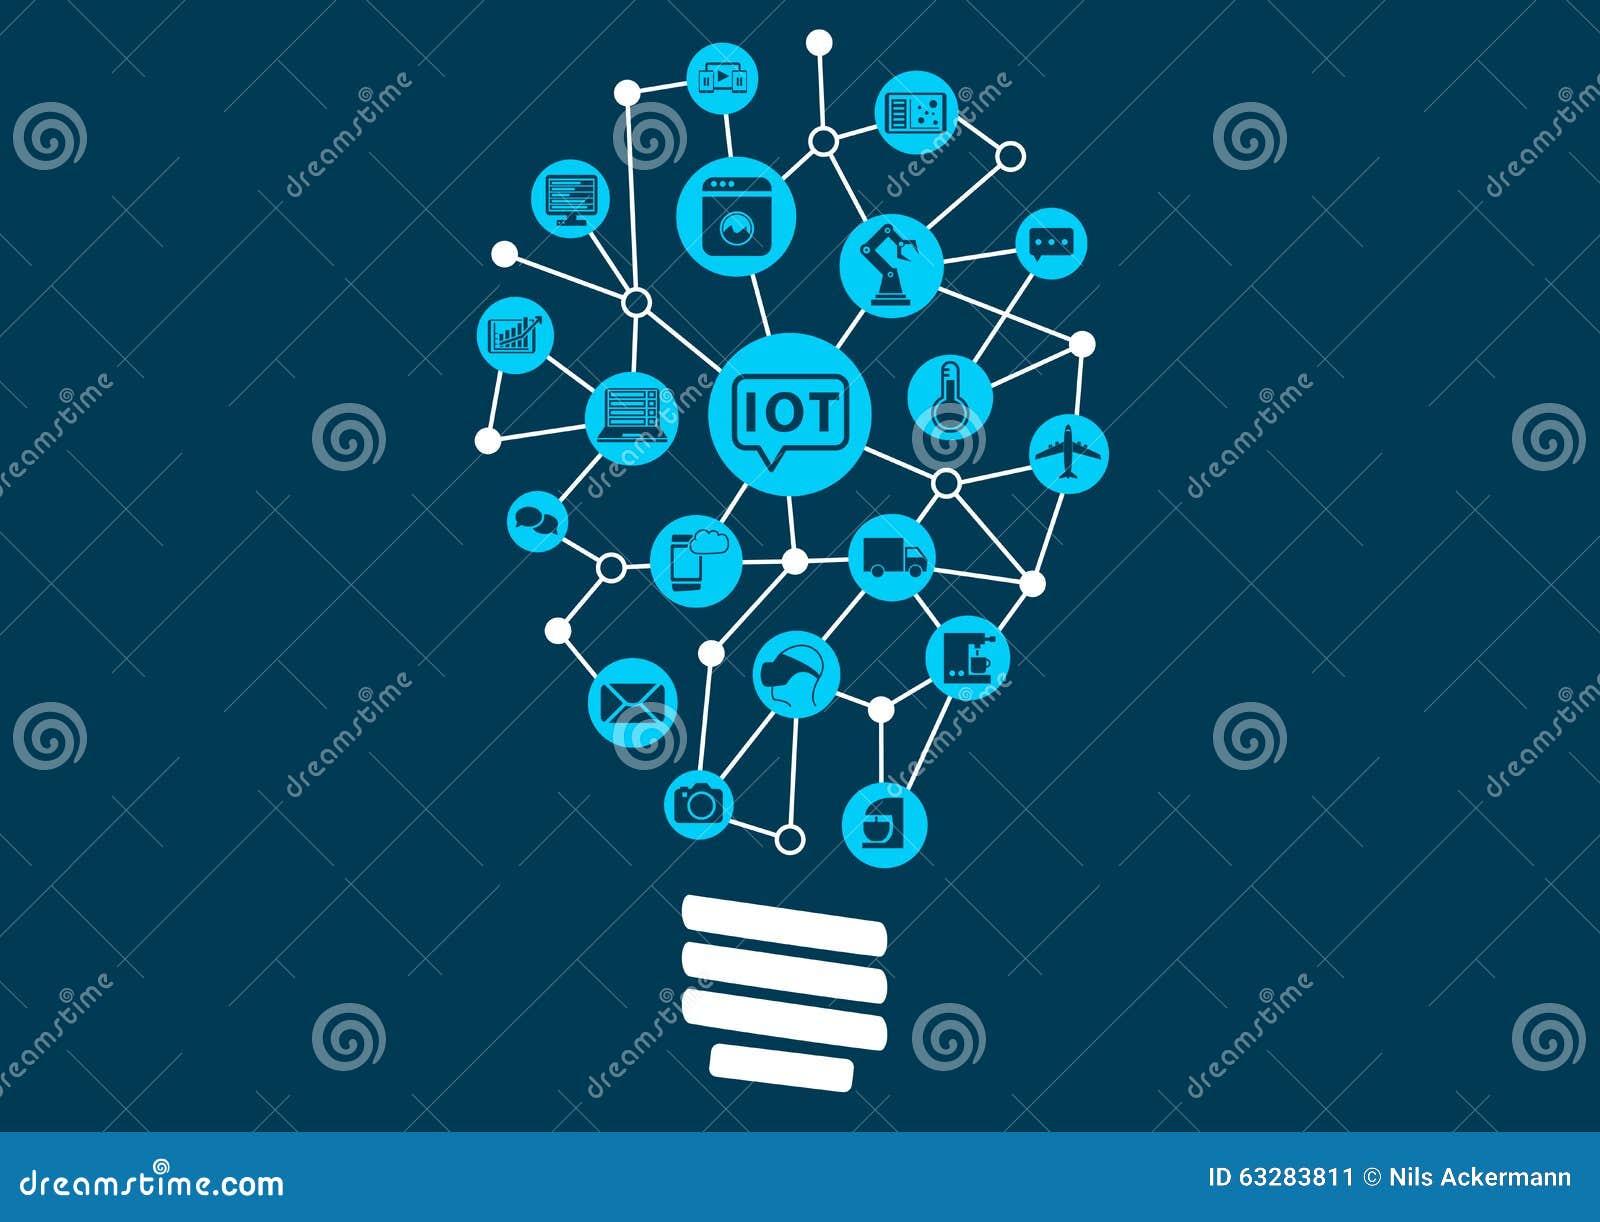 事互联网的创新数字式革命使能制造混乱的业务模式的